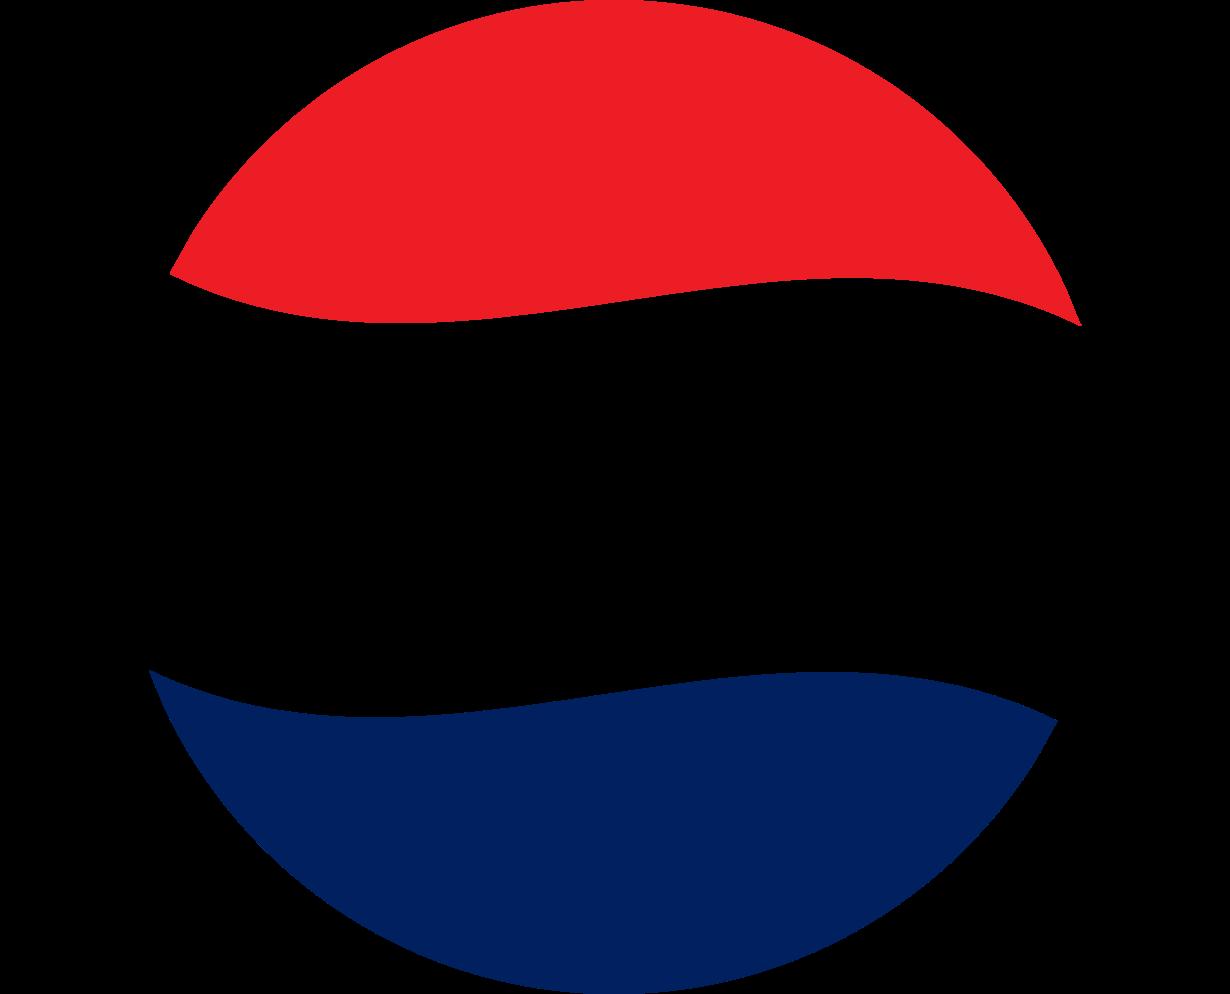 Pepsi el kadsre dream logos wiki fandom powered by wikia 1966 1970 buycottarizona